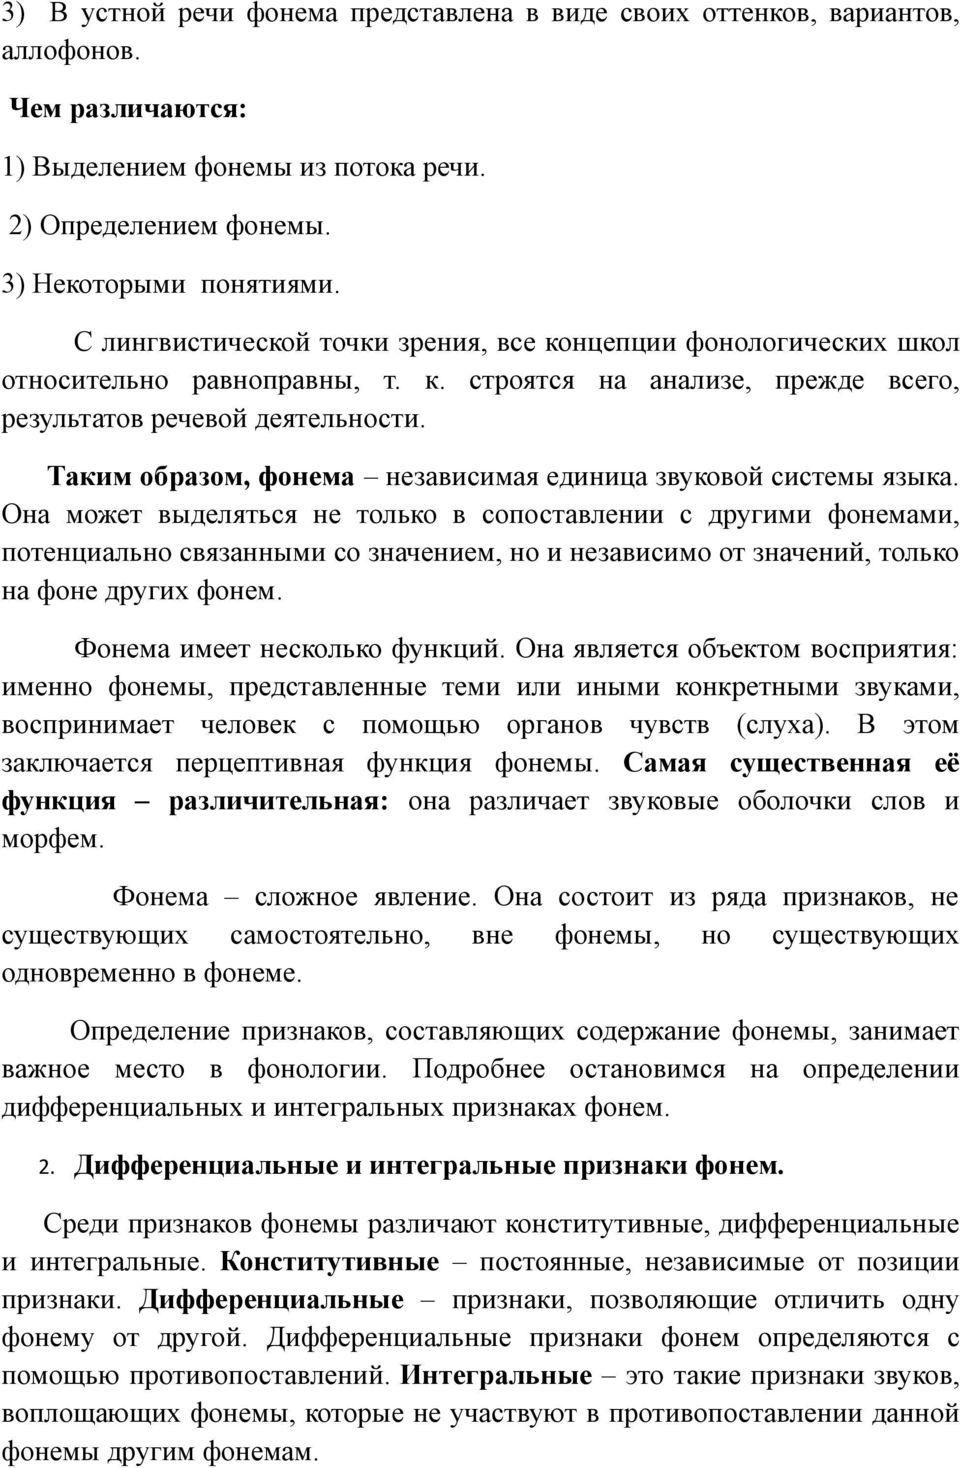 Фонема - phoneme - qwe.wiki